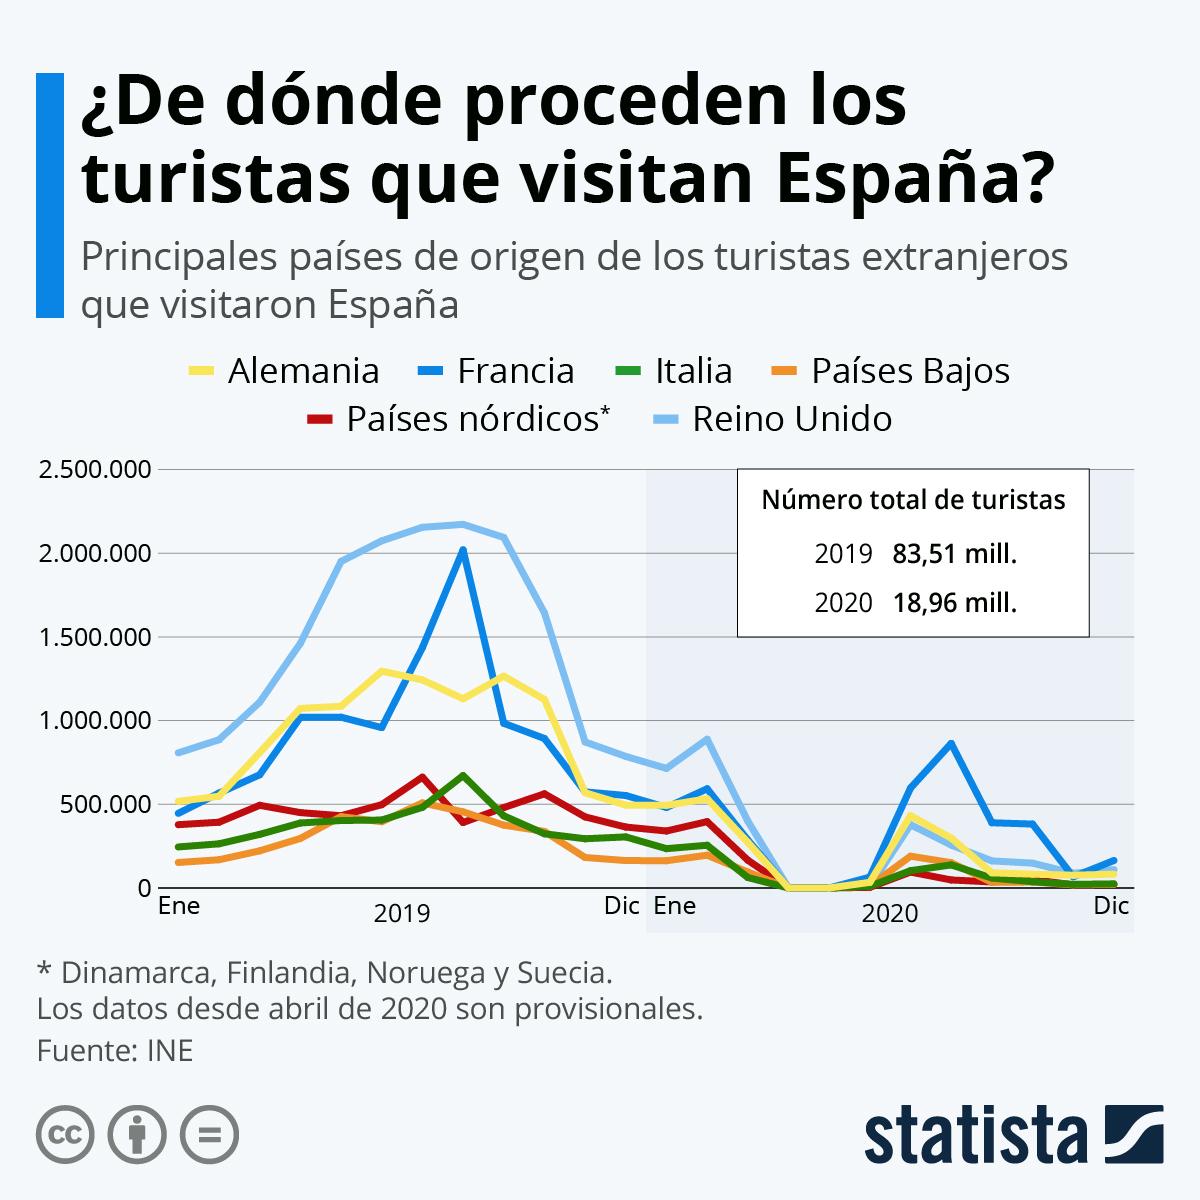 Infografía: ¿De dónde proceden los turistas que visitan España? | Statista